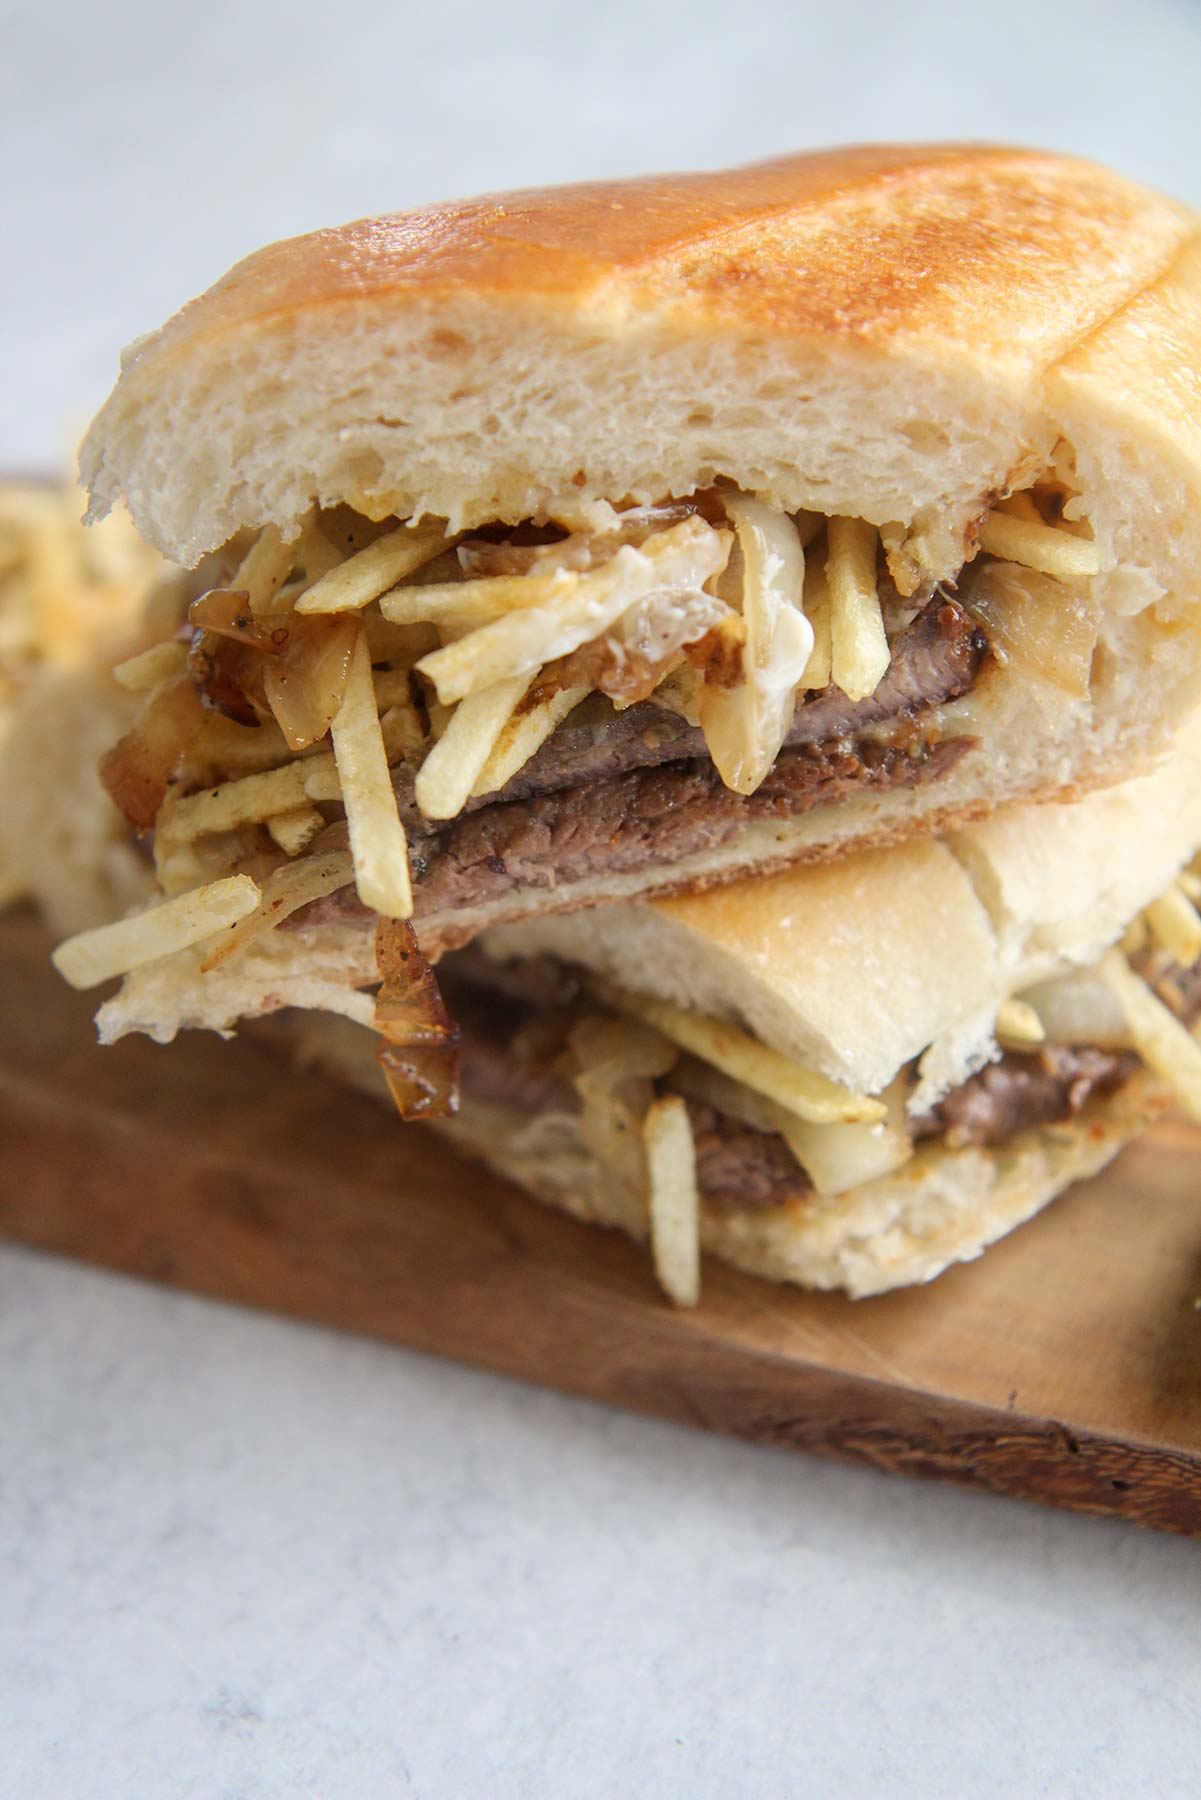 pan con bistec (steak sandwich) on a wooden board.